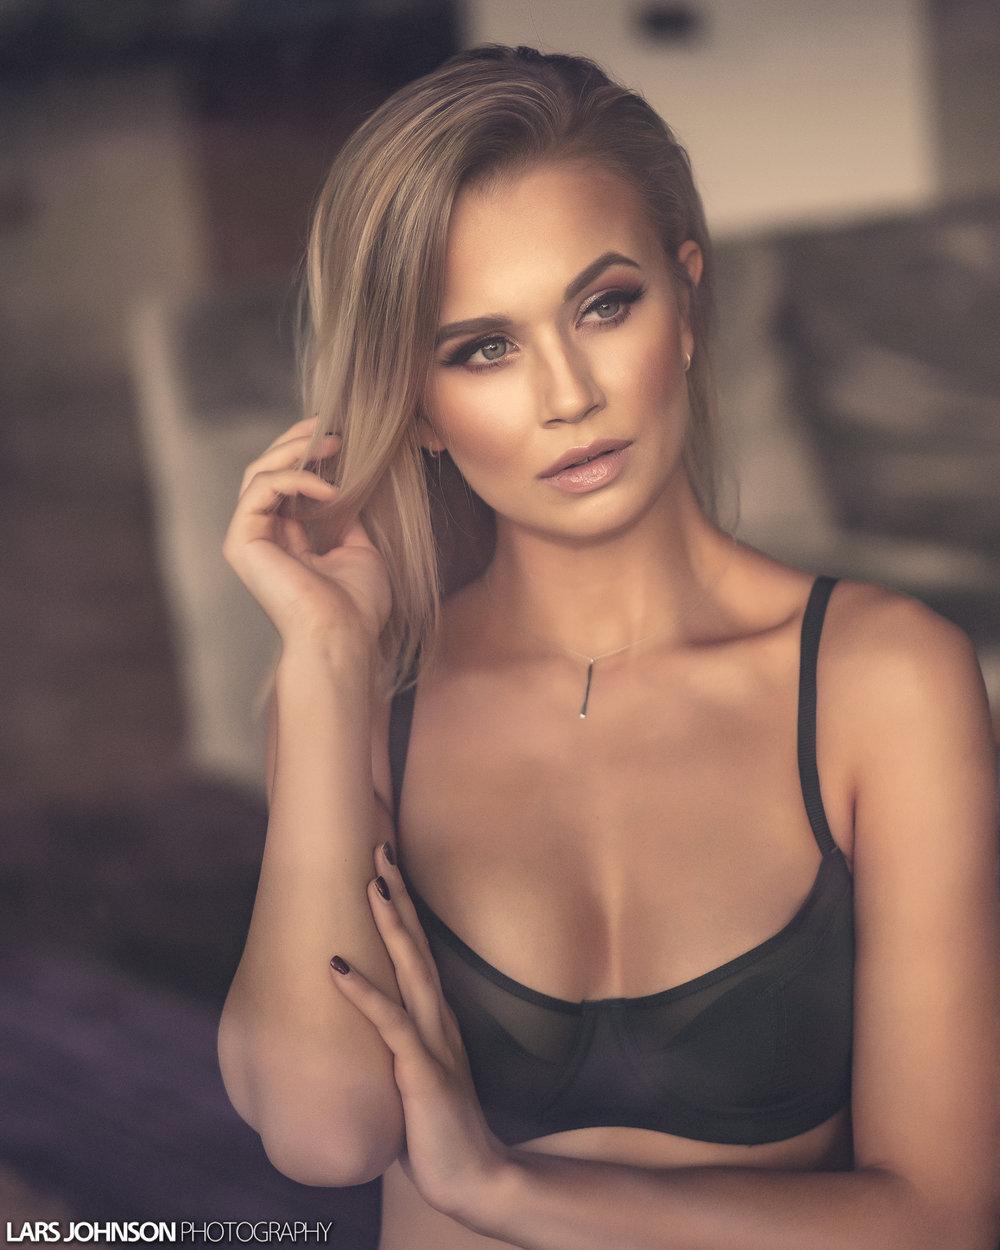 10. Eeva Järvinen